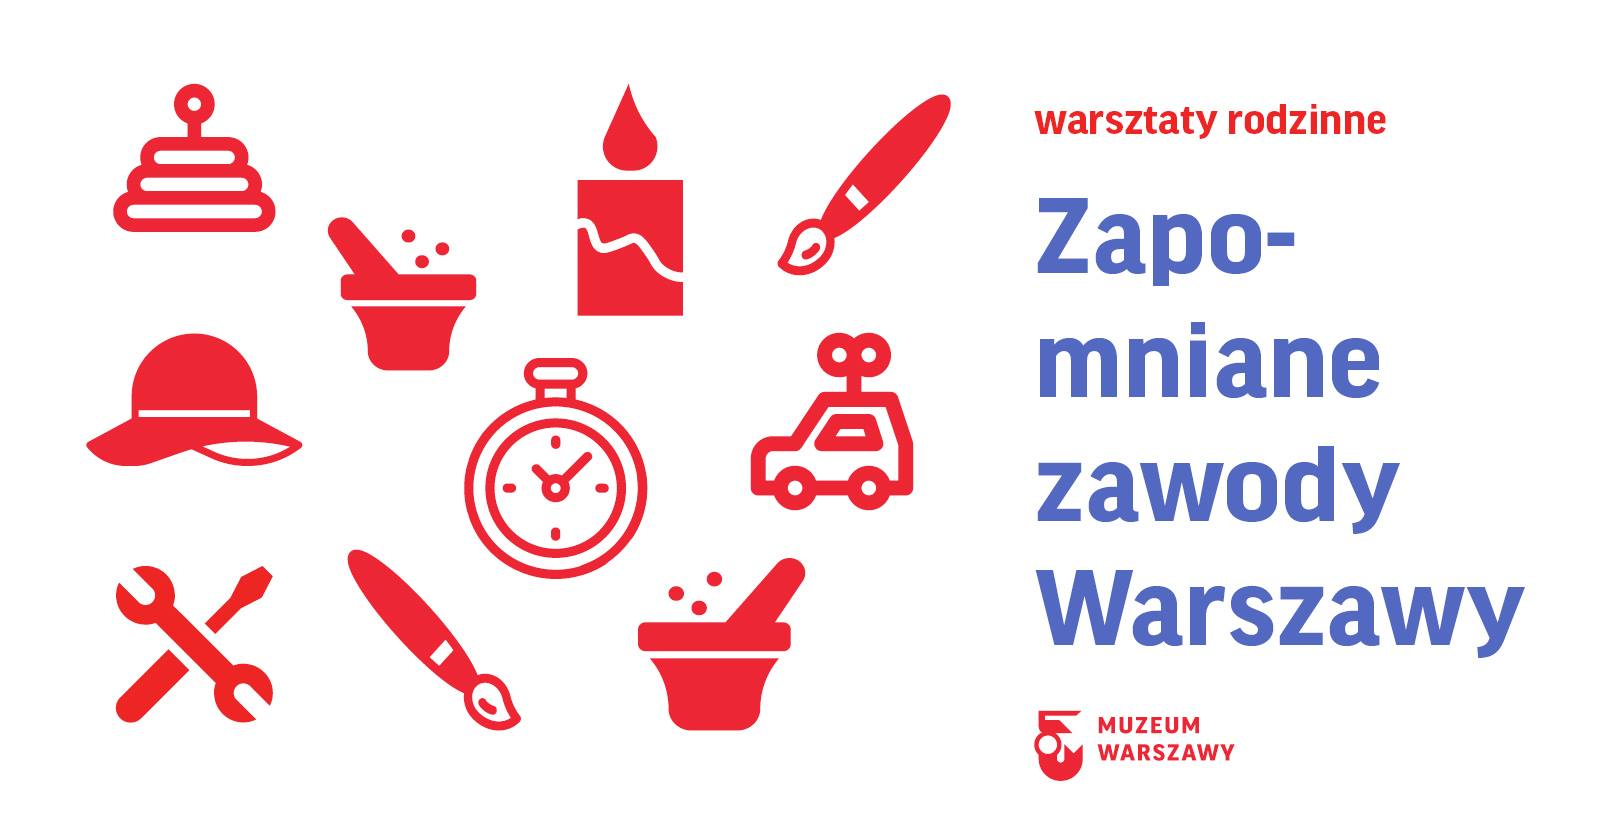 Zapomniane zawody Warszawy | Świecarz